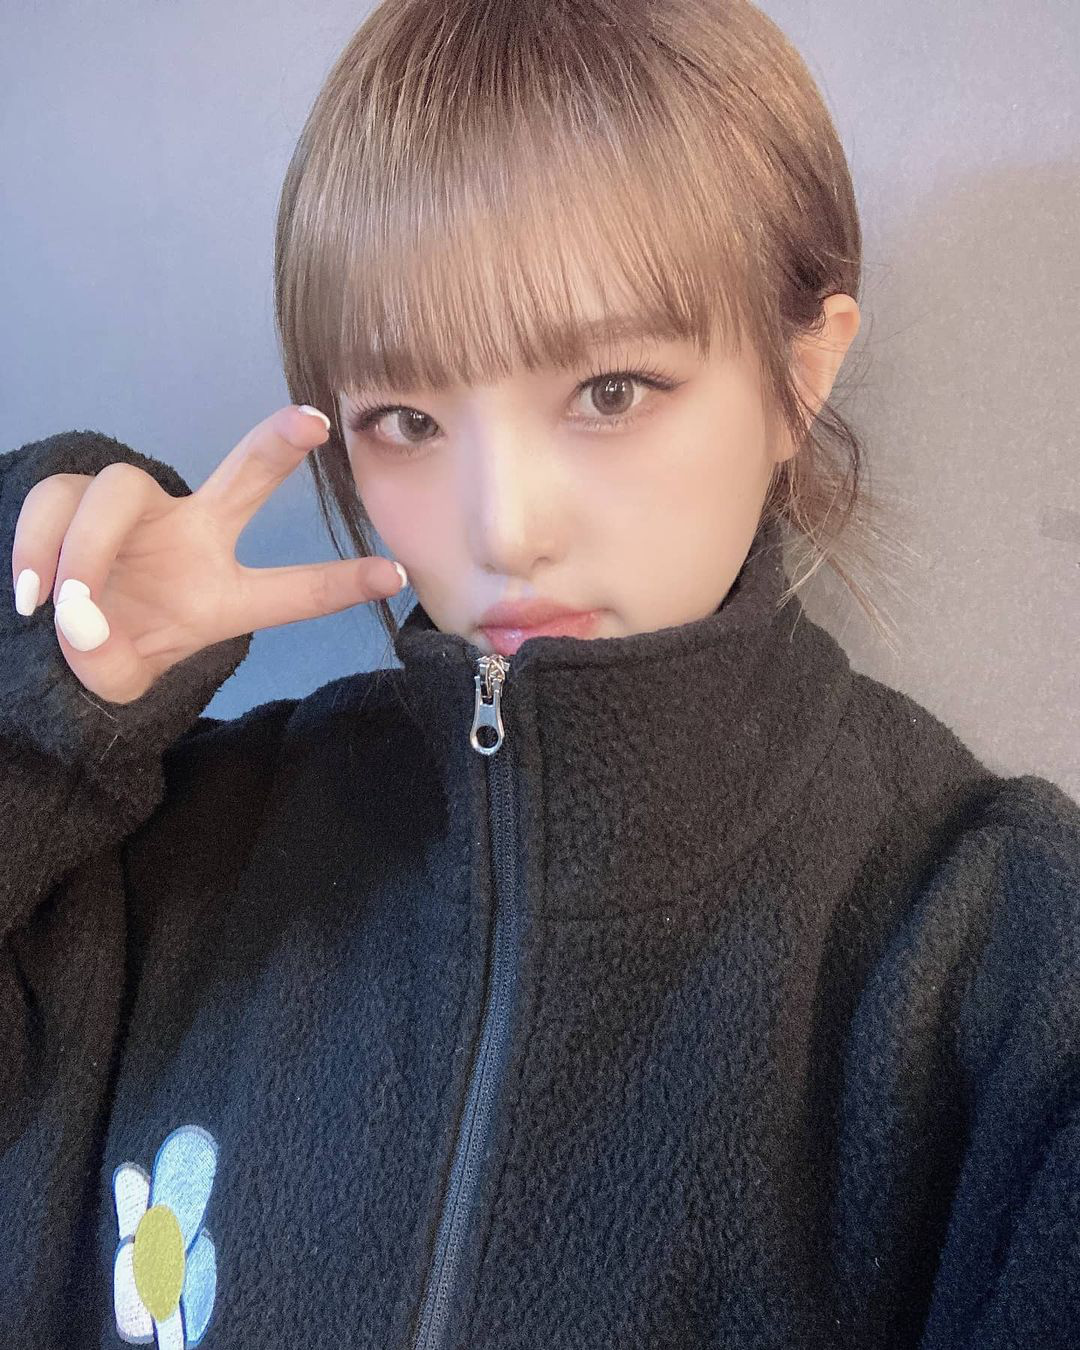 Sao Hàn đang lăng xê mẫu áo khoác lông cừu, mặc vào là tự tin chiến với mùa lạnh này luôn - Ảnh 4.